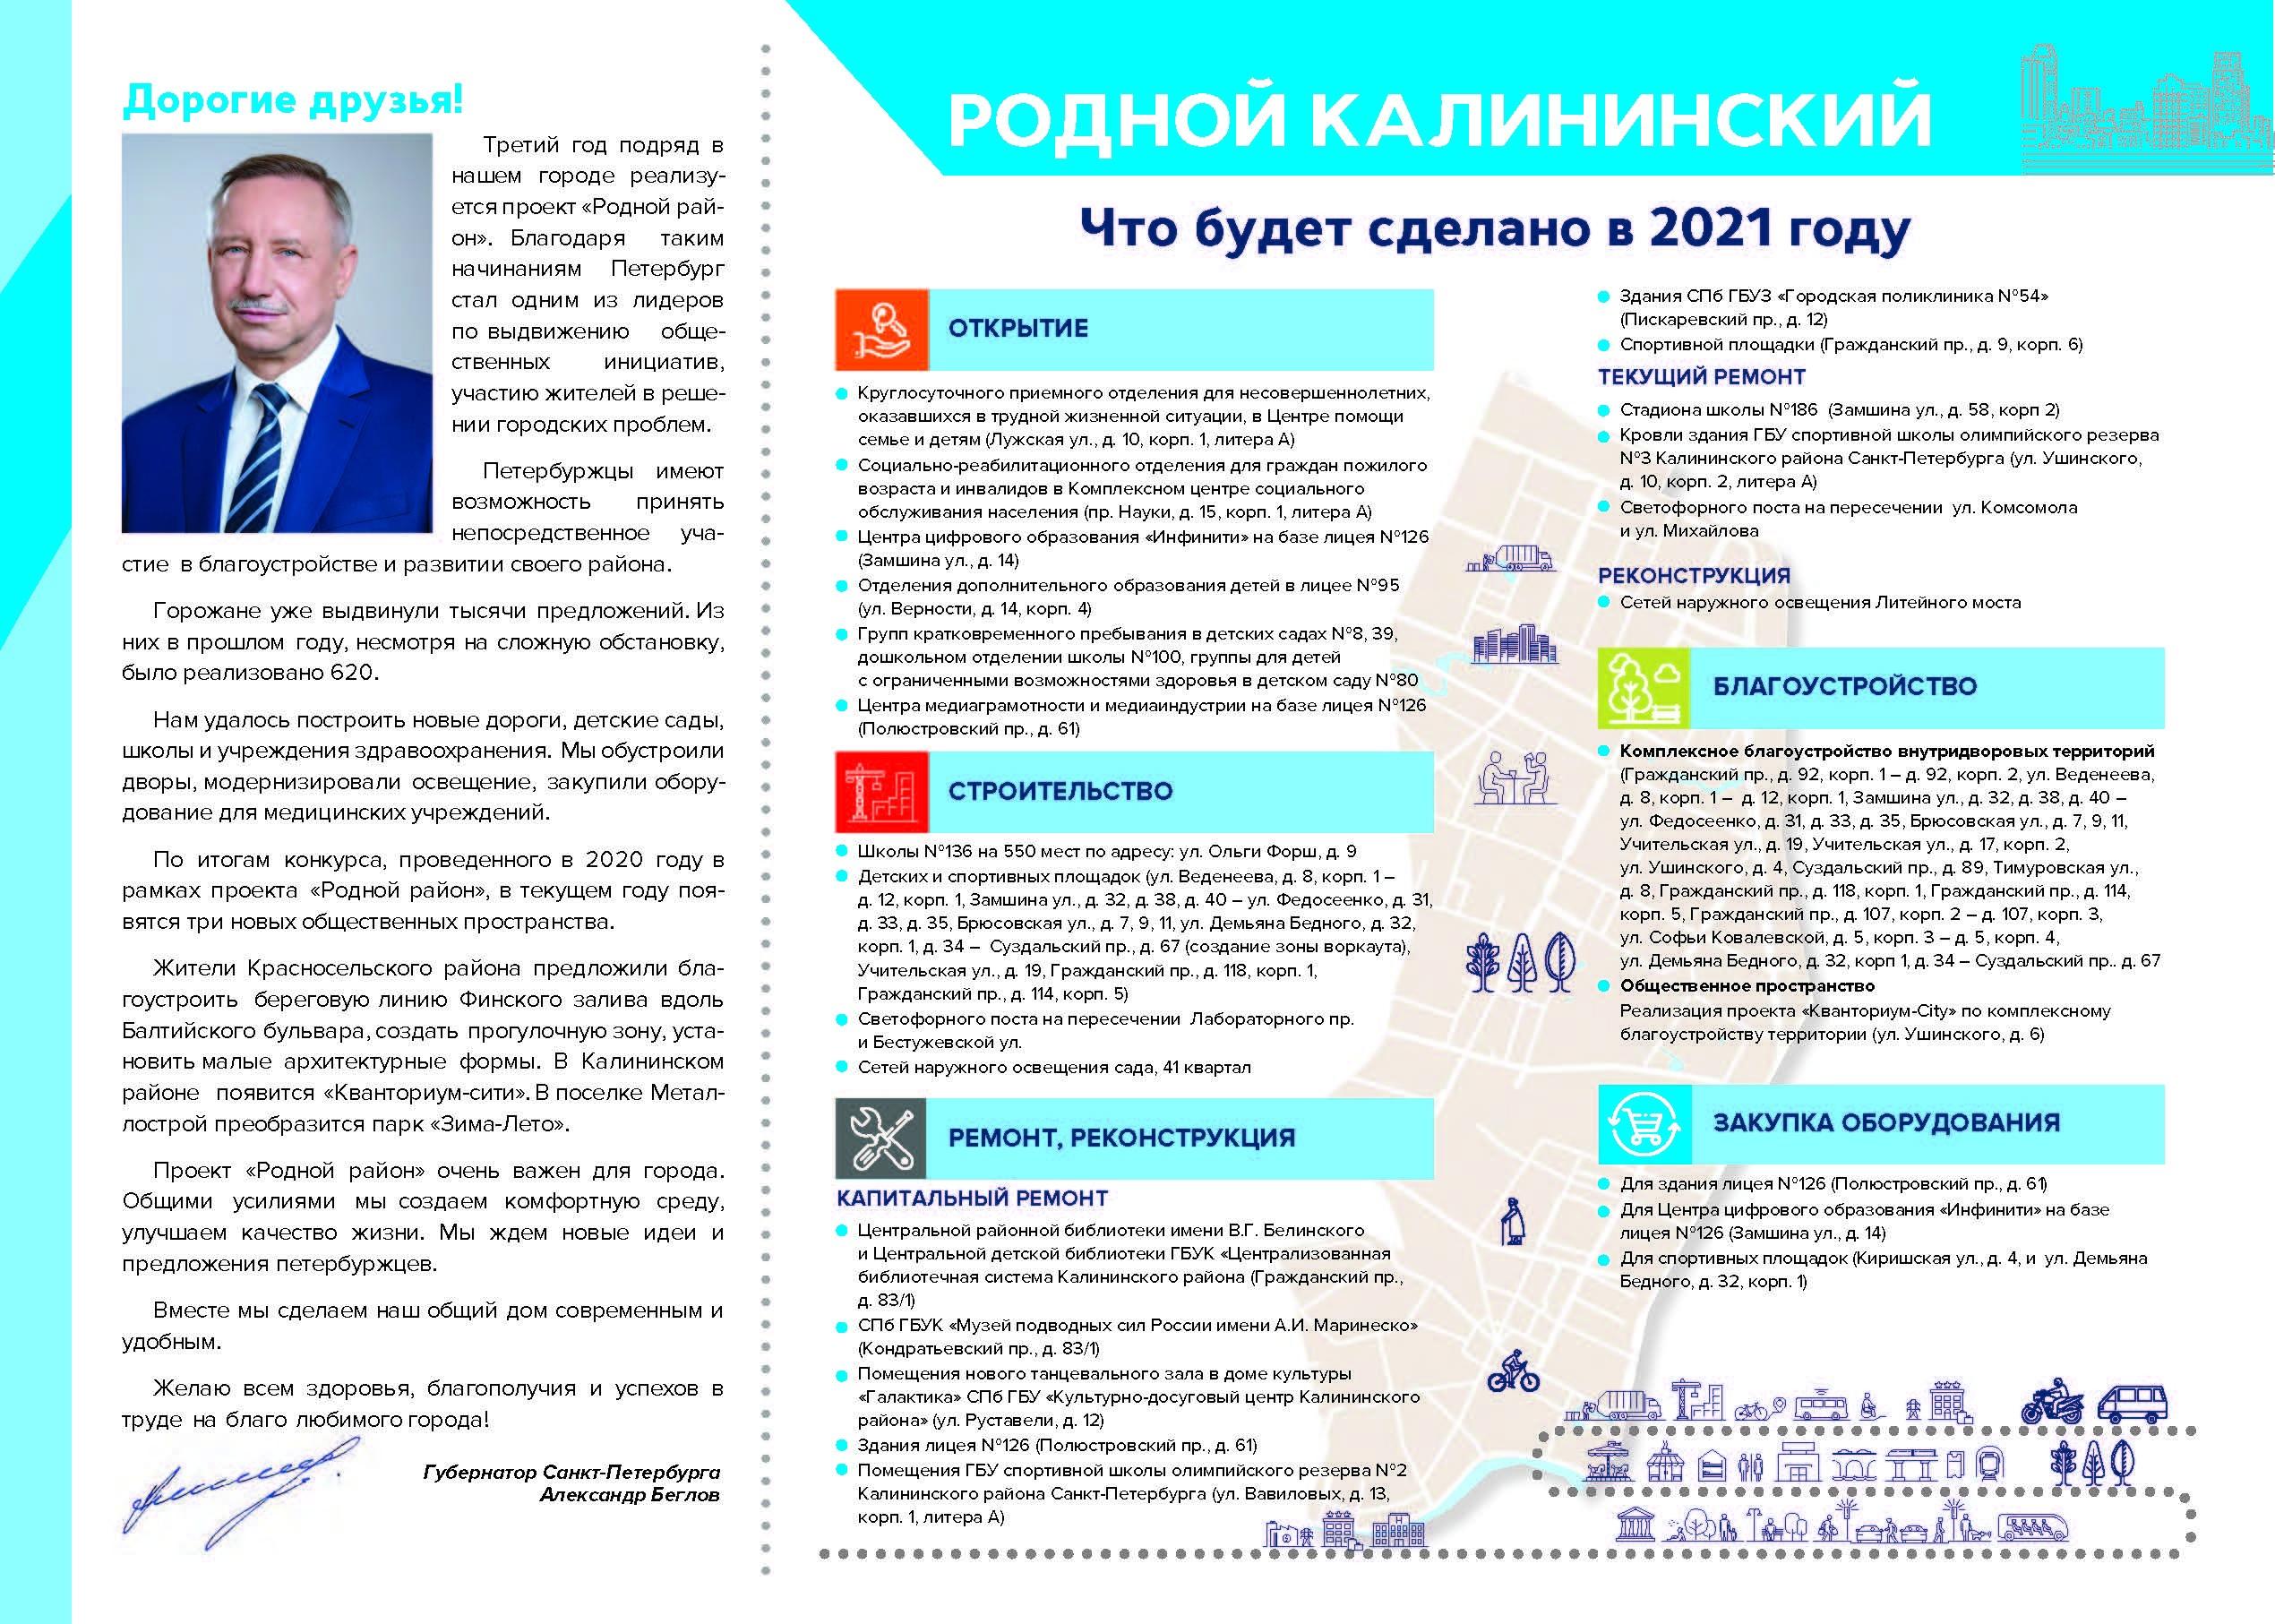 Программа за развитие района в 2021 году